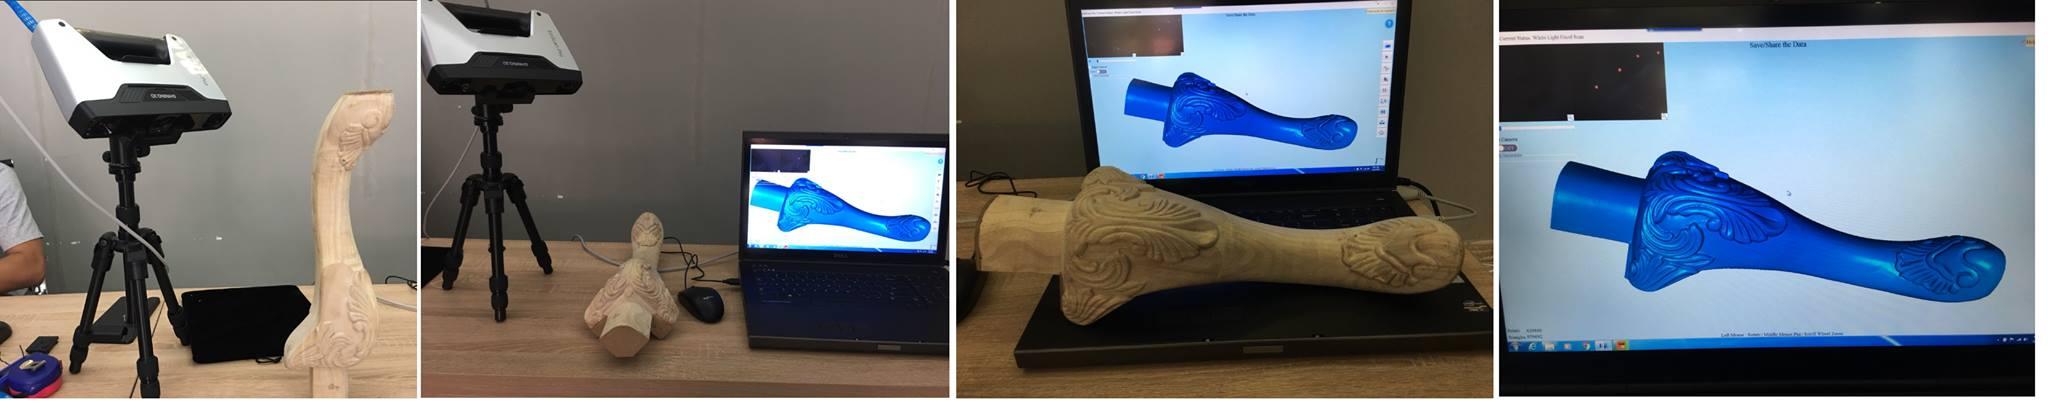 Dịch vụ quét 3D mẫu gỗ độ nét cao của chúng tôi đáp ứng nhu cầu quét từ 100 mẫu / ngày. Số lượng máy có thể sử dụng làm dịch vụ quét 3D là 8 máy quét. Đội ngũ kỹ thuật am hiểu sâu, sử dụng thành thạo các phần mềm xử lý lưới.